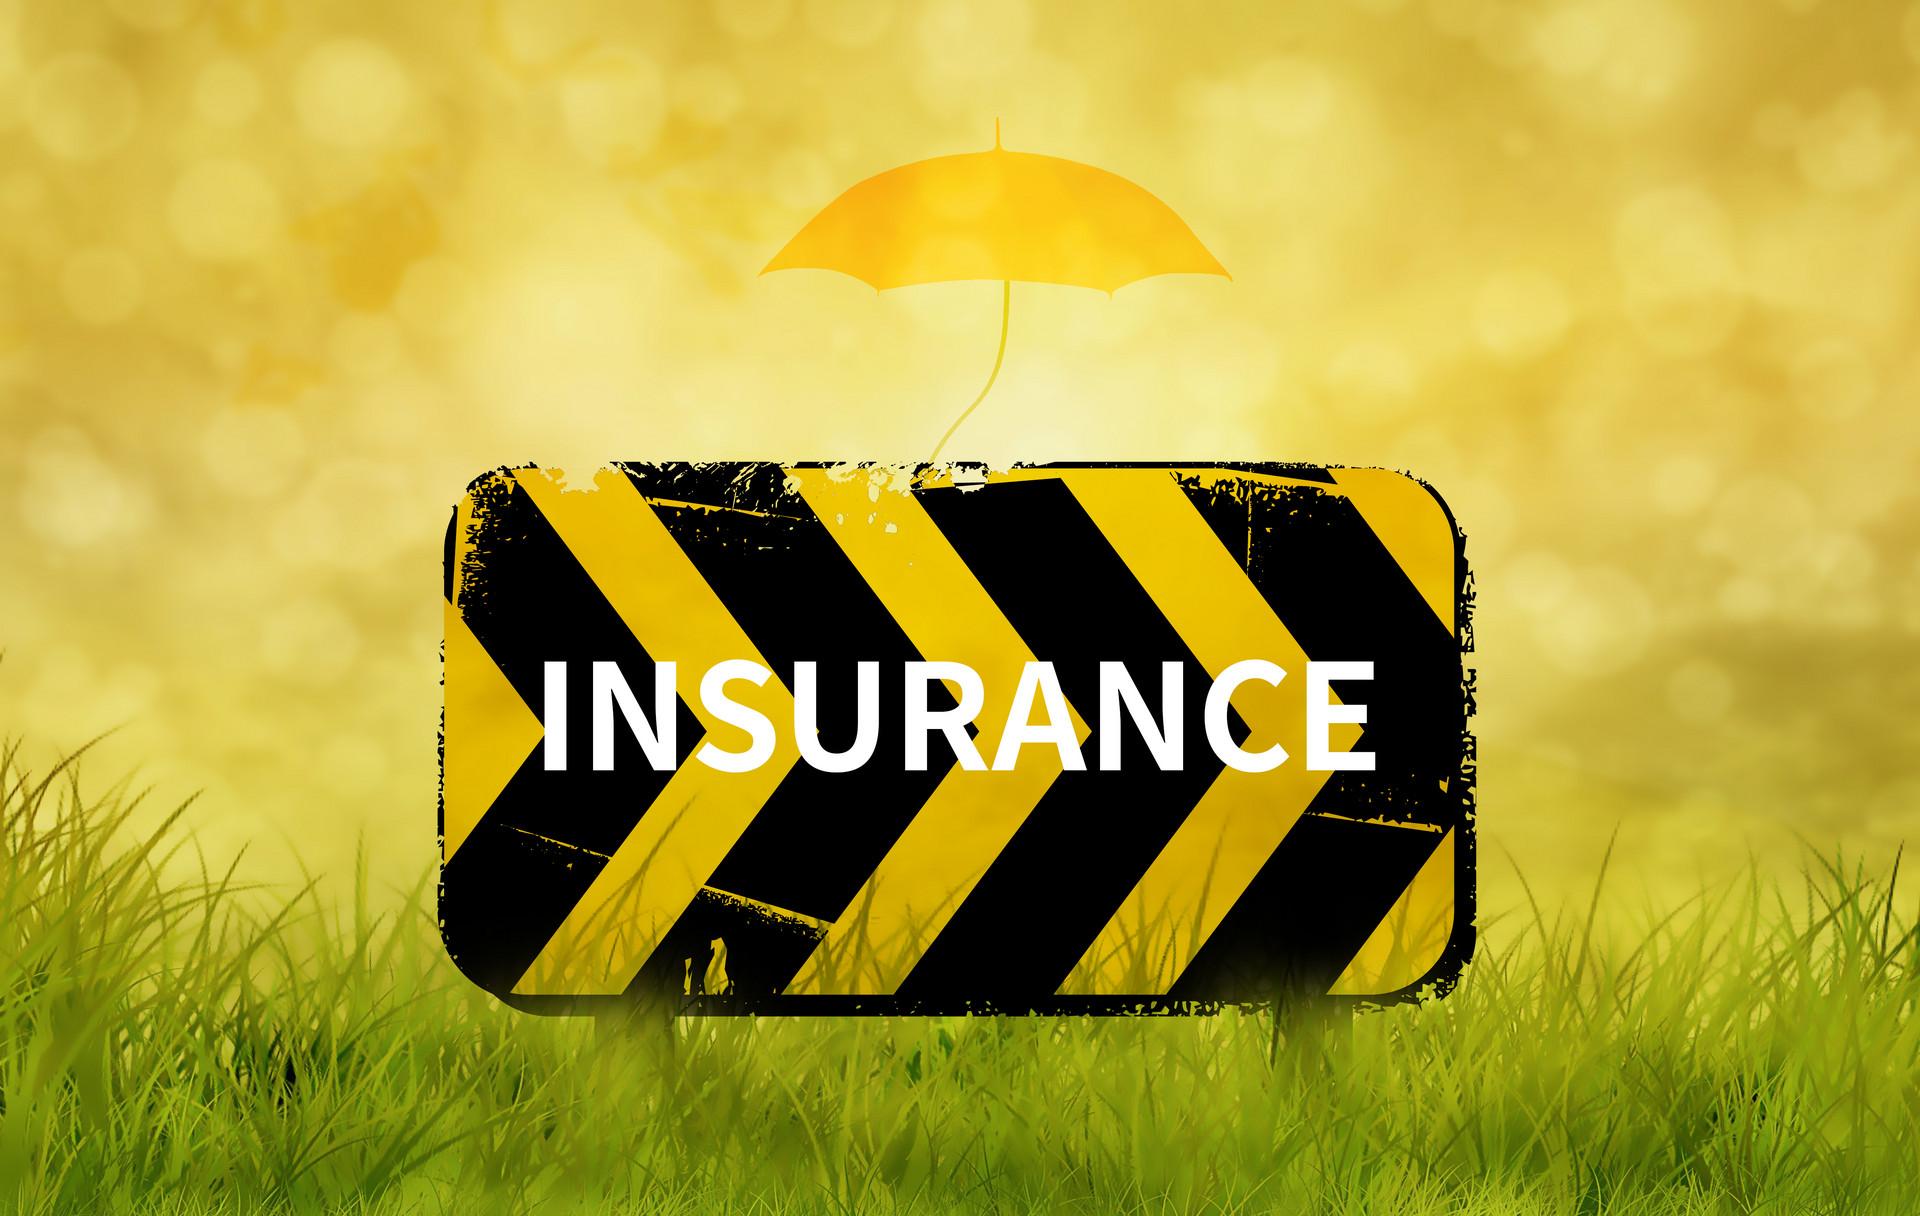 投保意外保险要注意这些误区